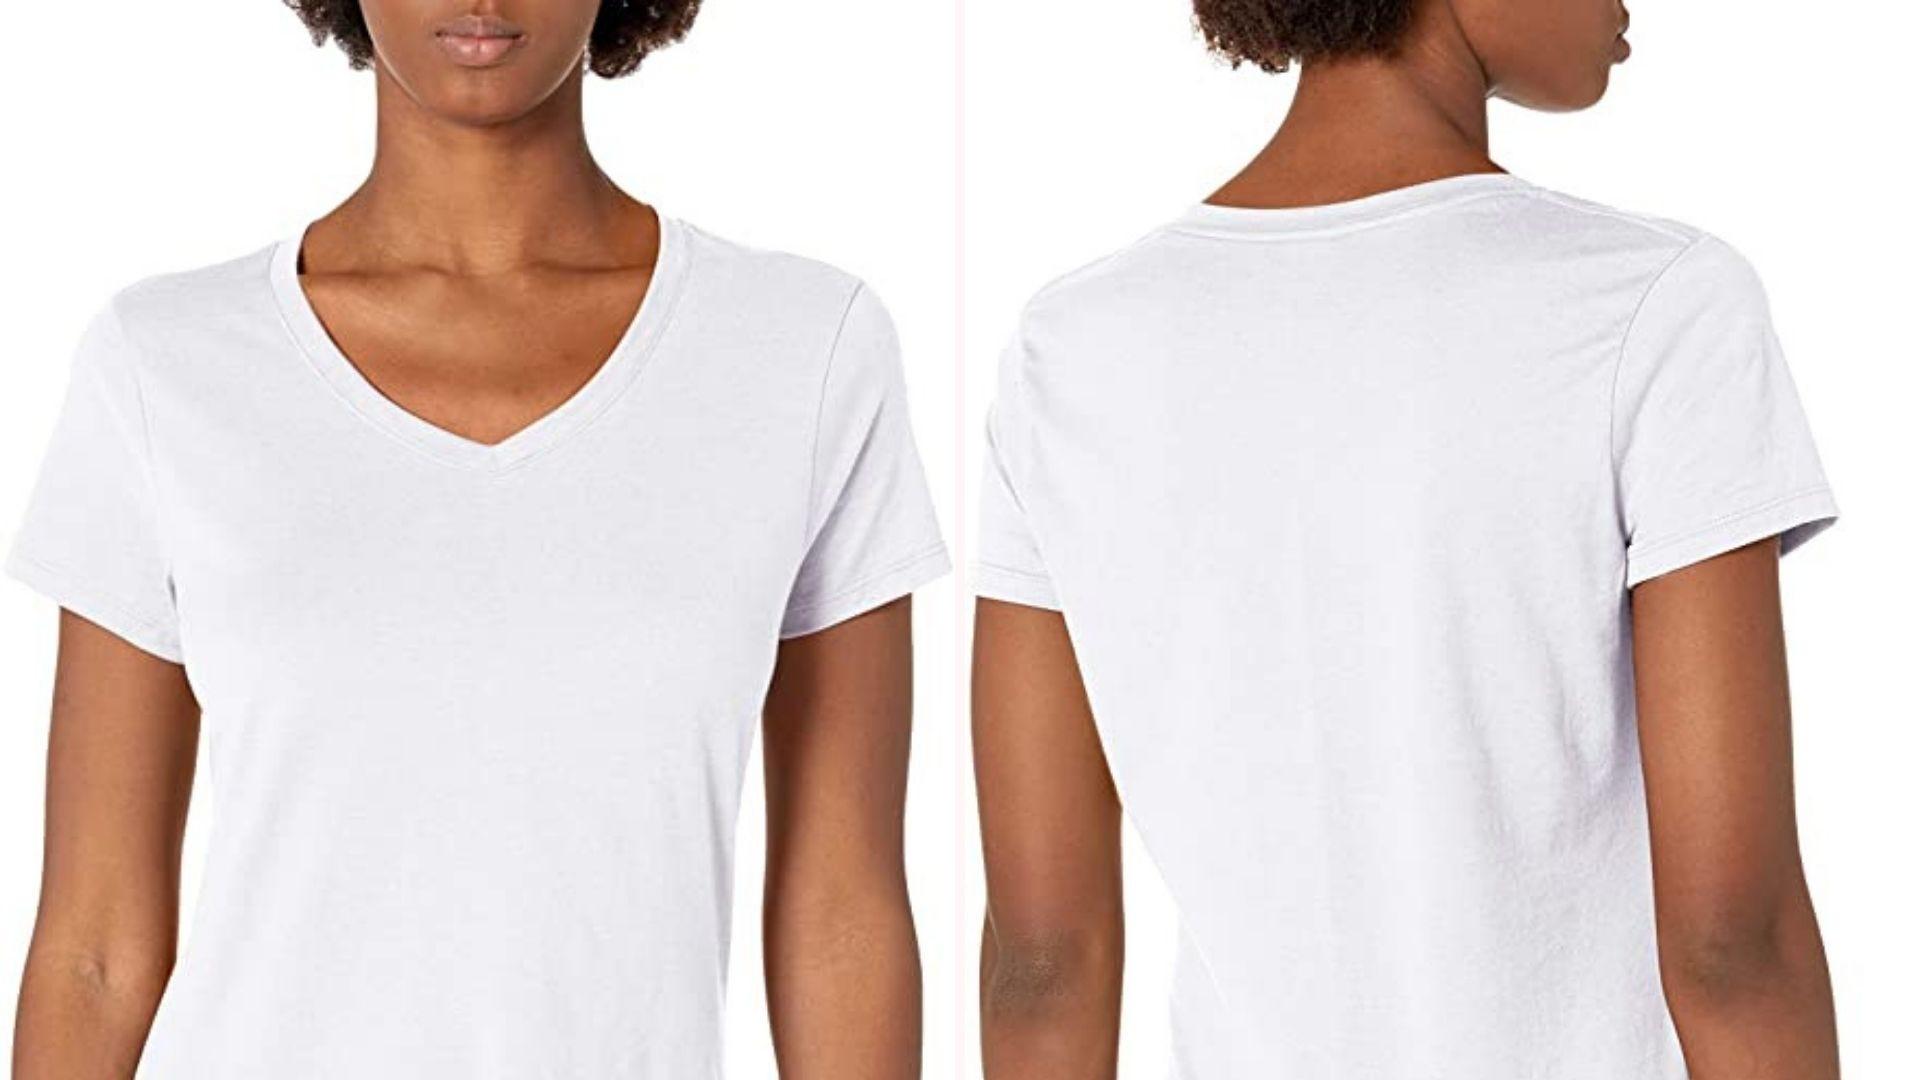 Слева вид спереди женщины в белой футболке, а справа такой же вид сзади.